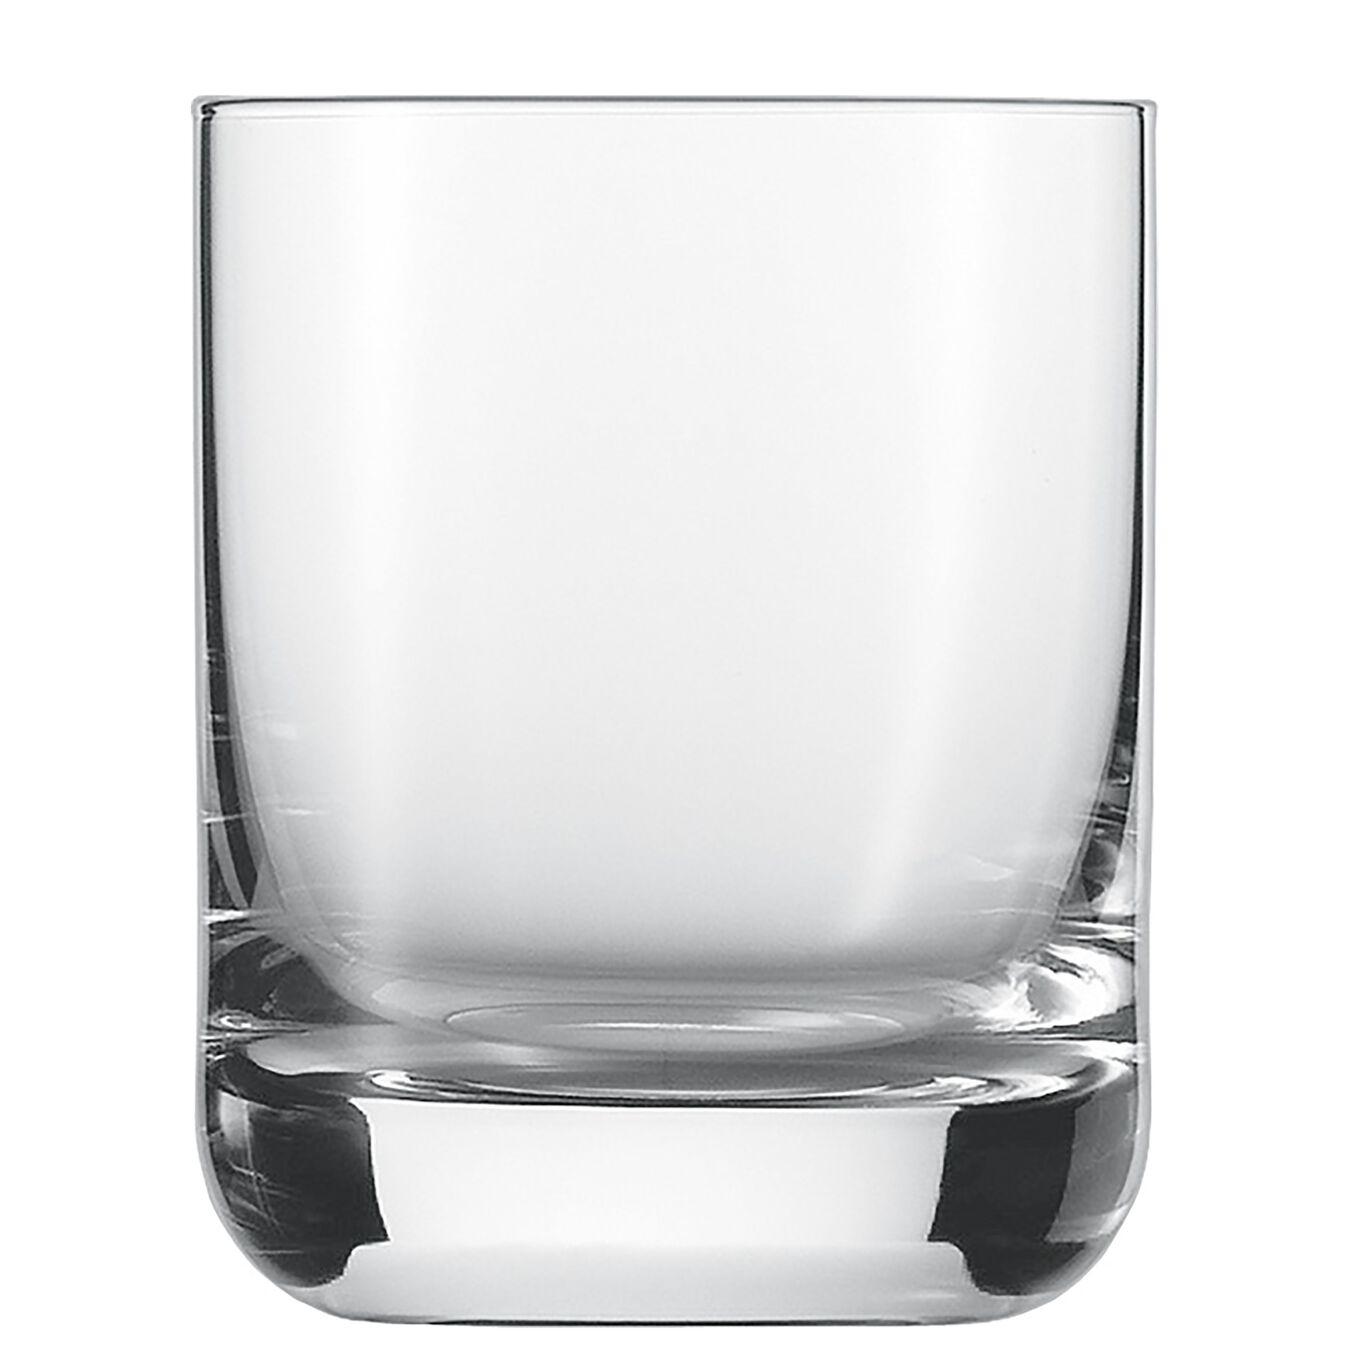 Kokteyl Bardağı,,large 1